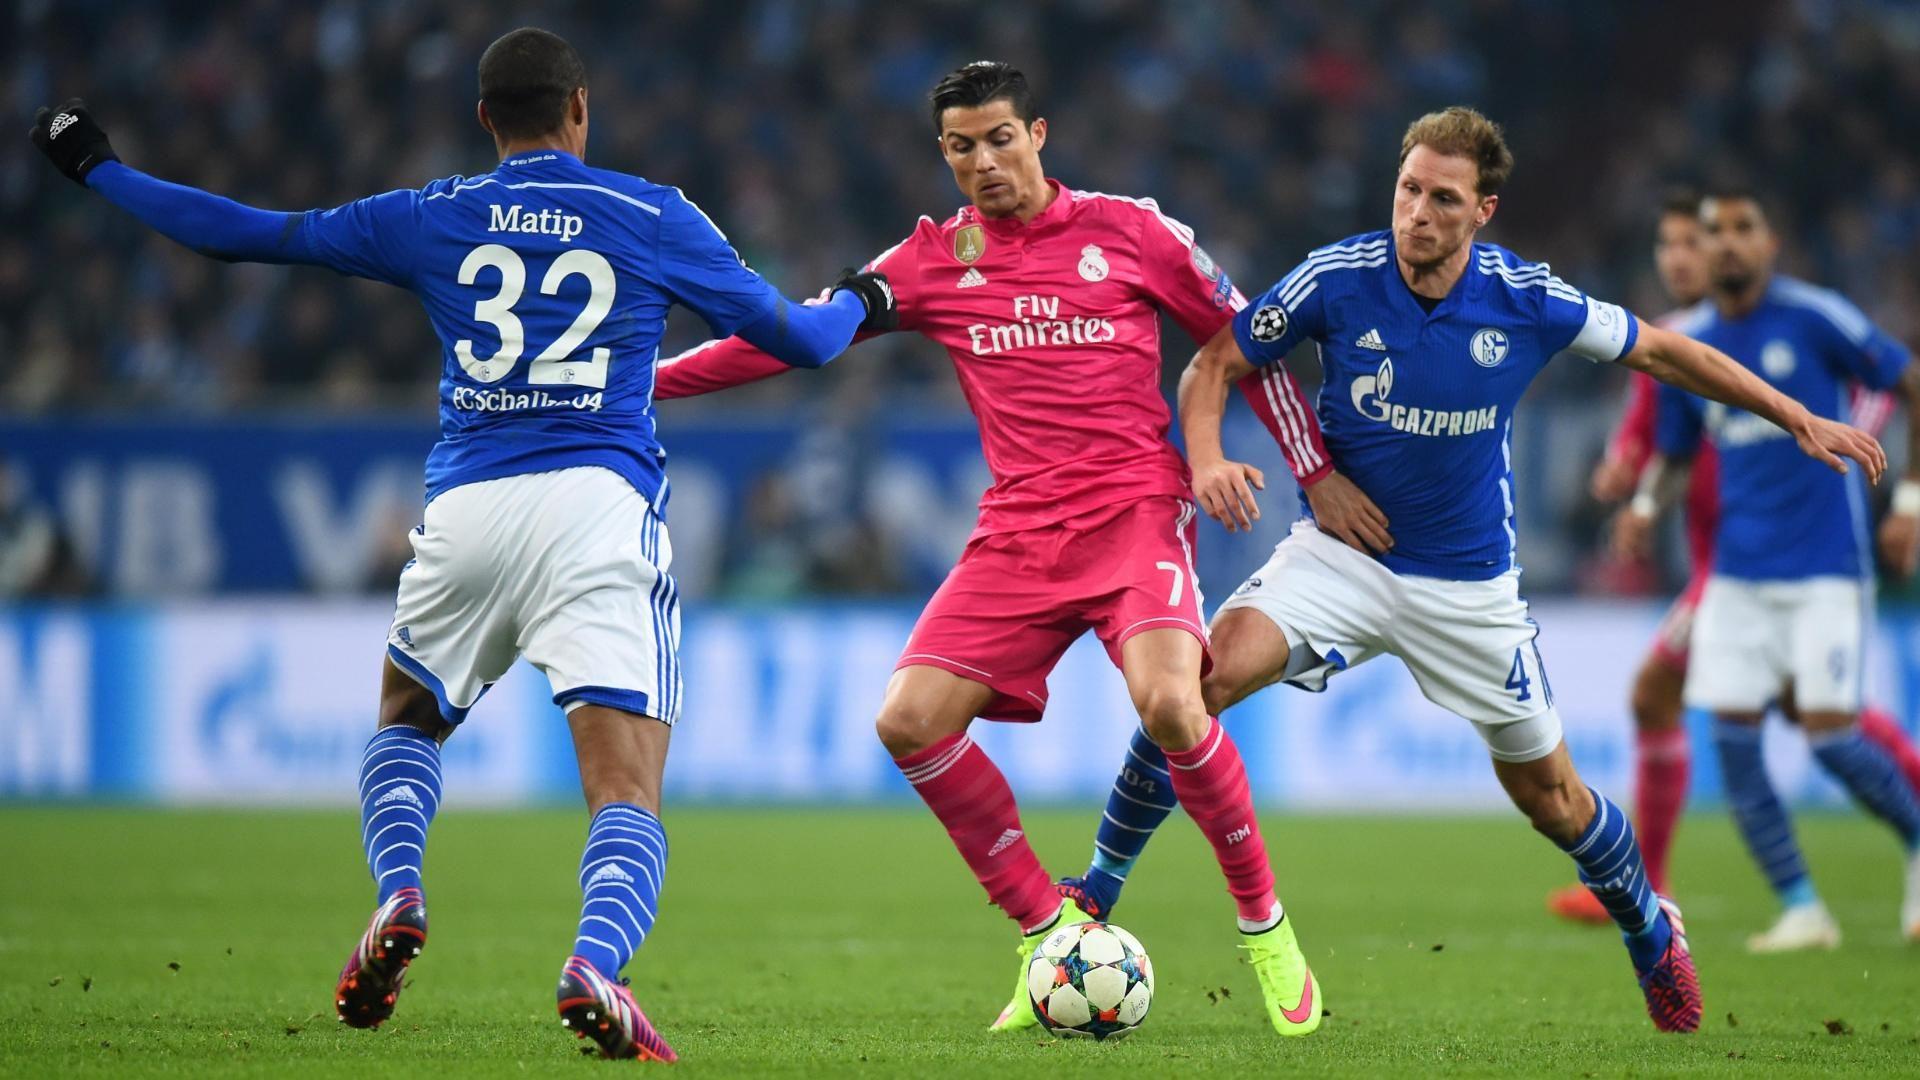 Real Madrid vs Schalke 04